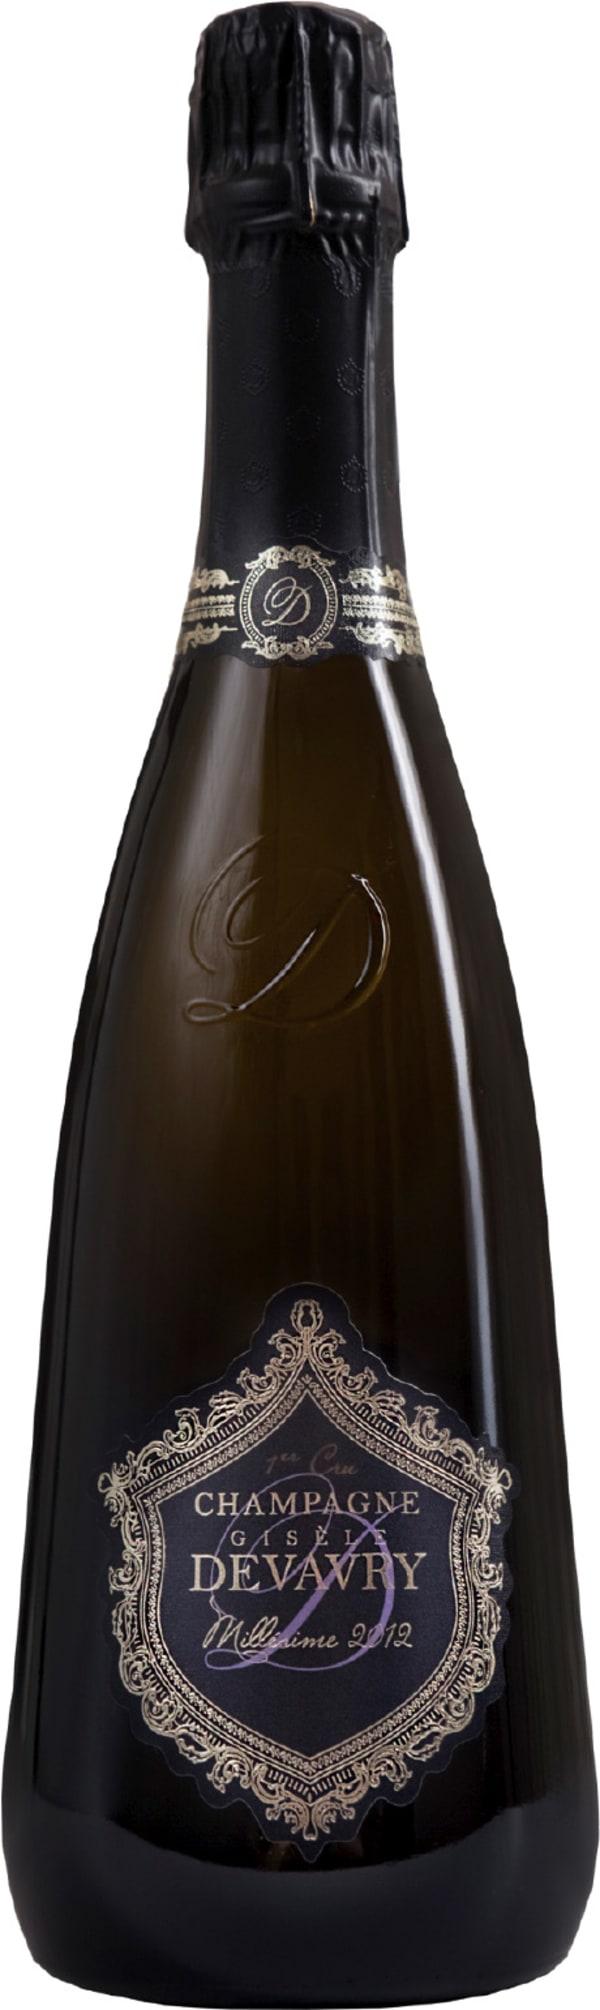 Gisèle Devavry Millésime Champagne Brut 2012